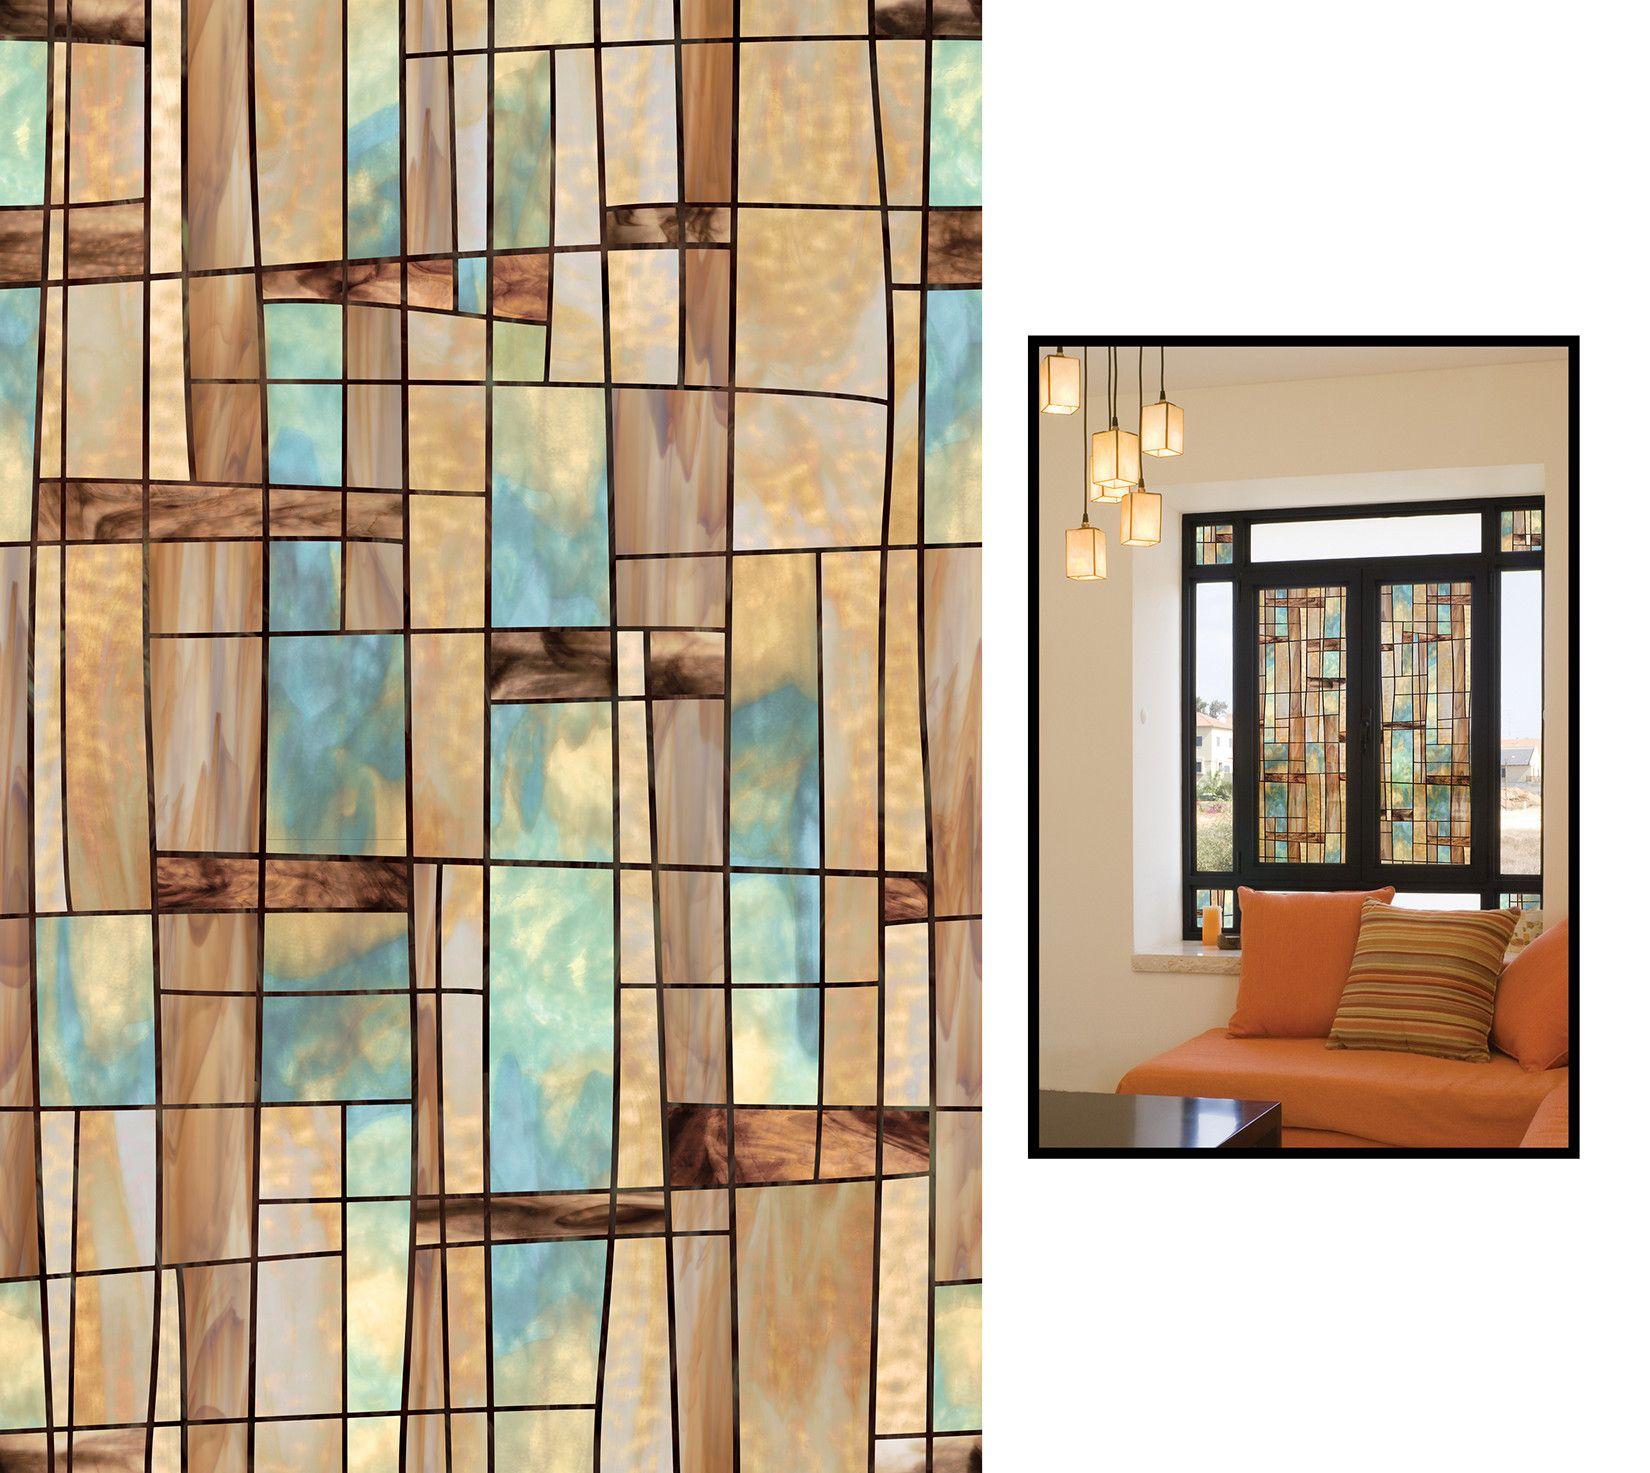 Artscape 24 Quot X 36 Quot Decorative City Lights Window Film